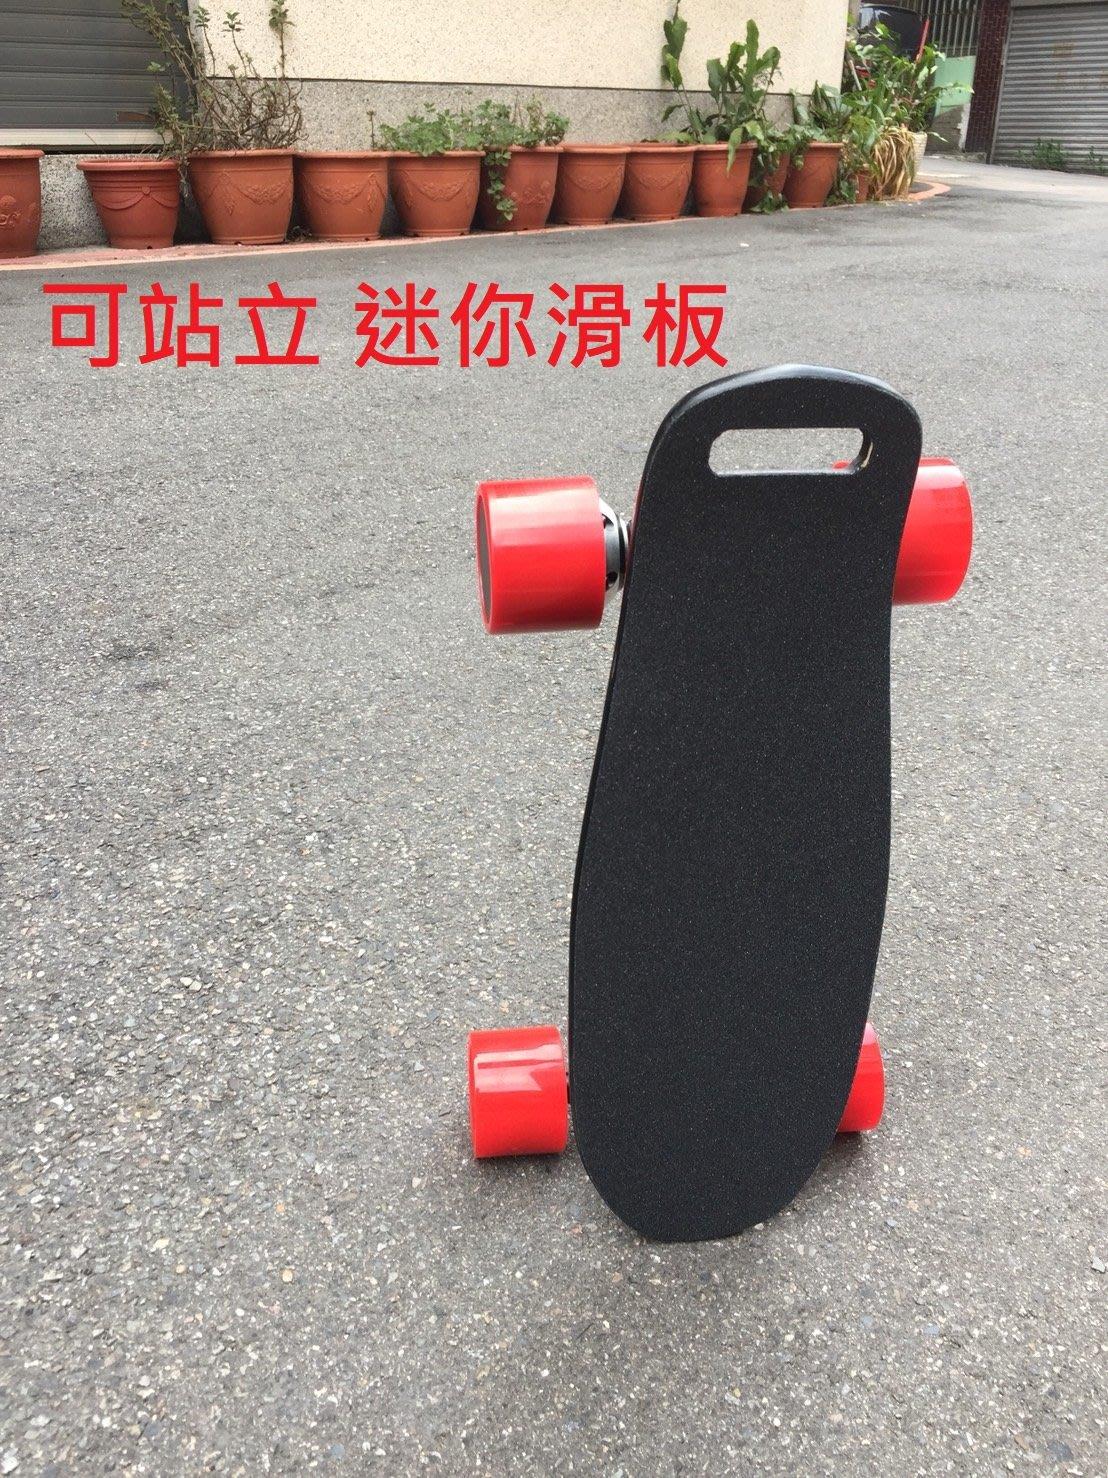 迷你電動滑板 可站立 比ELOS還小巧 可放進背包 書包 MONKEY GO 電動滑板專賣 & 維修